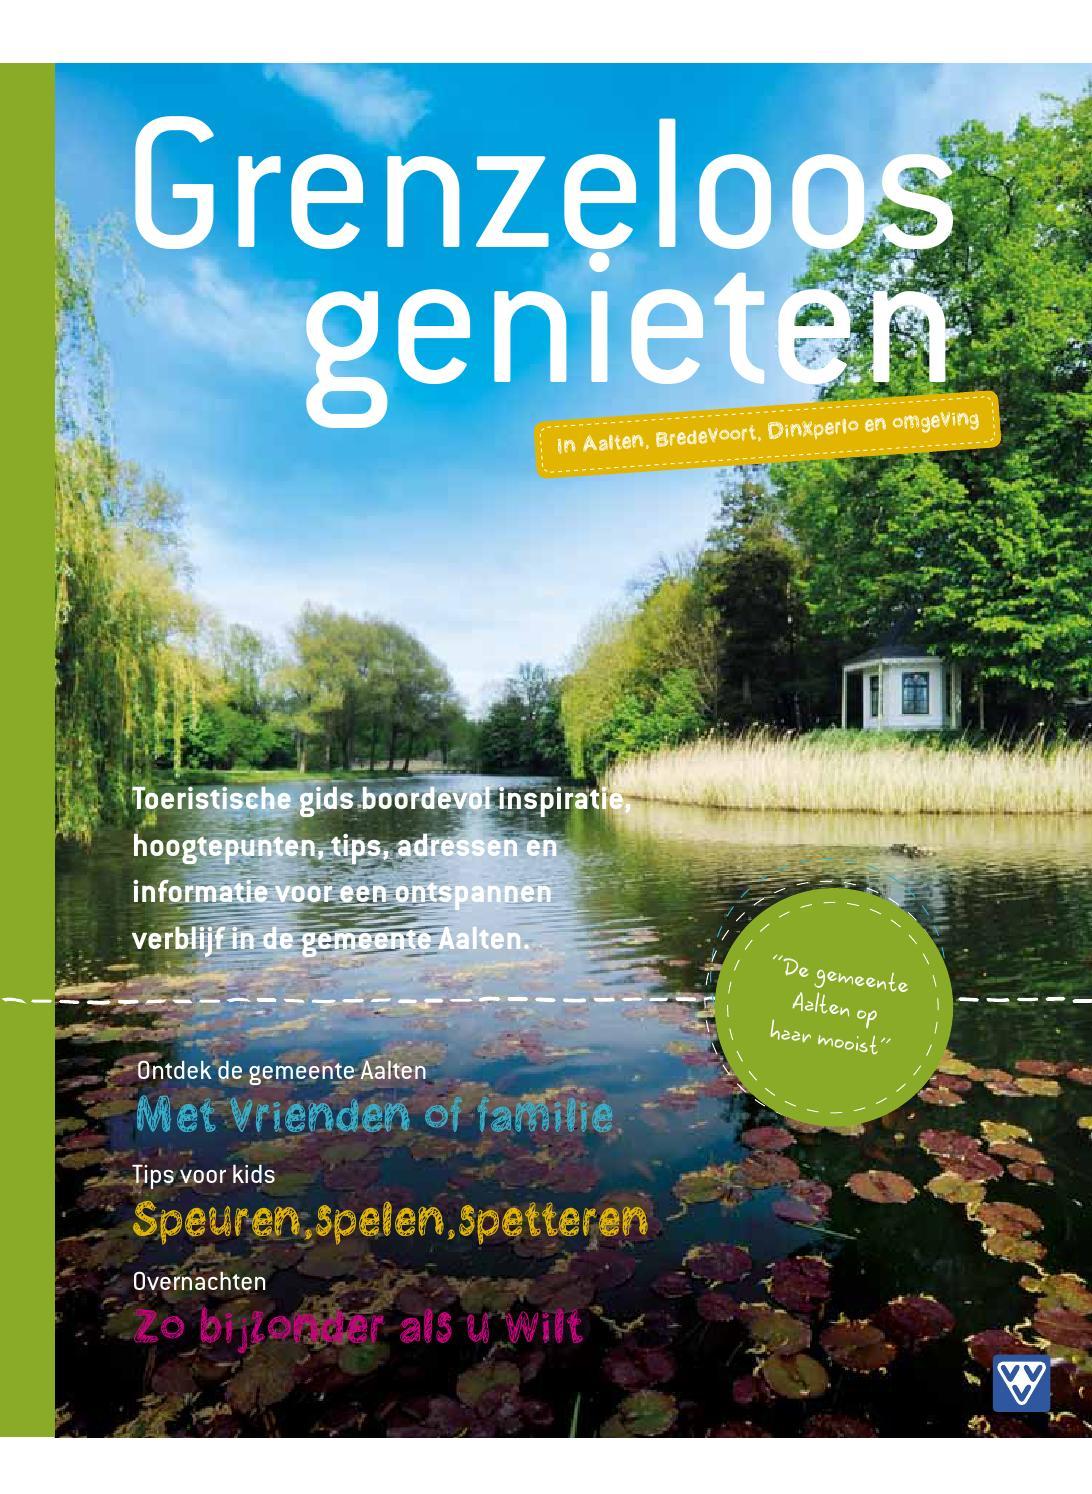 Grenzeloos Genieten 2013 By Achterhoek Issuu